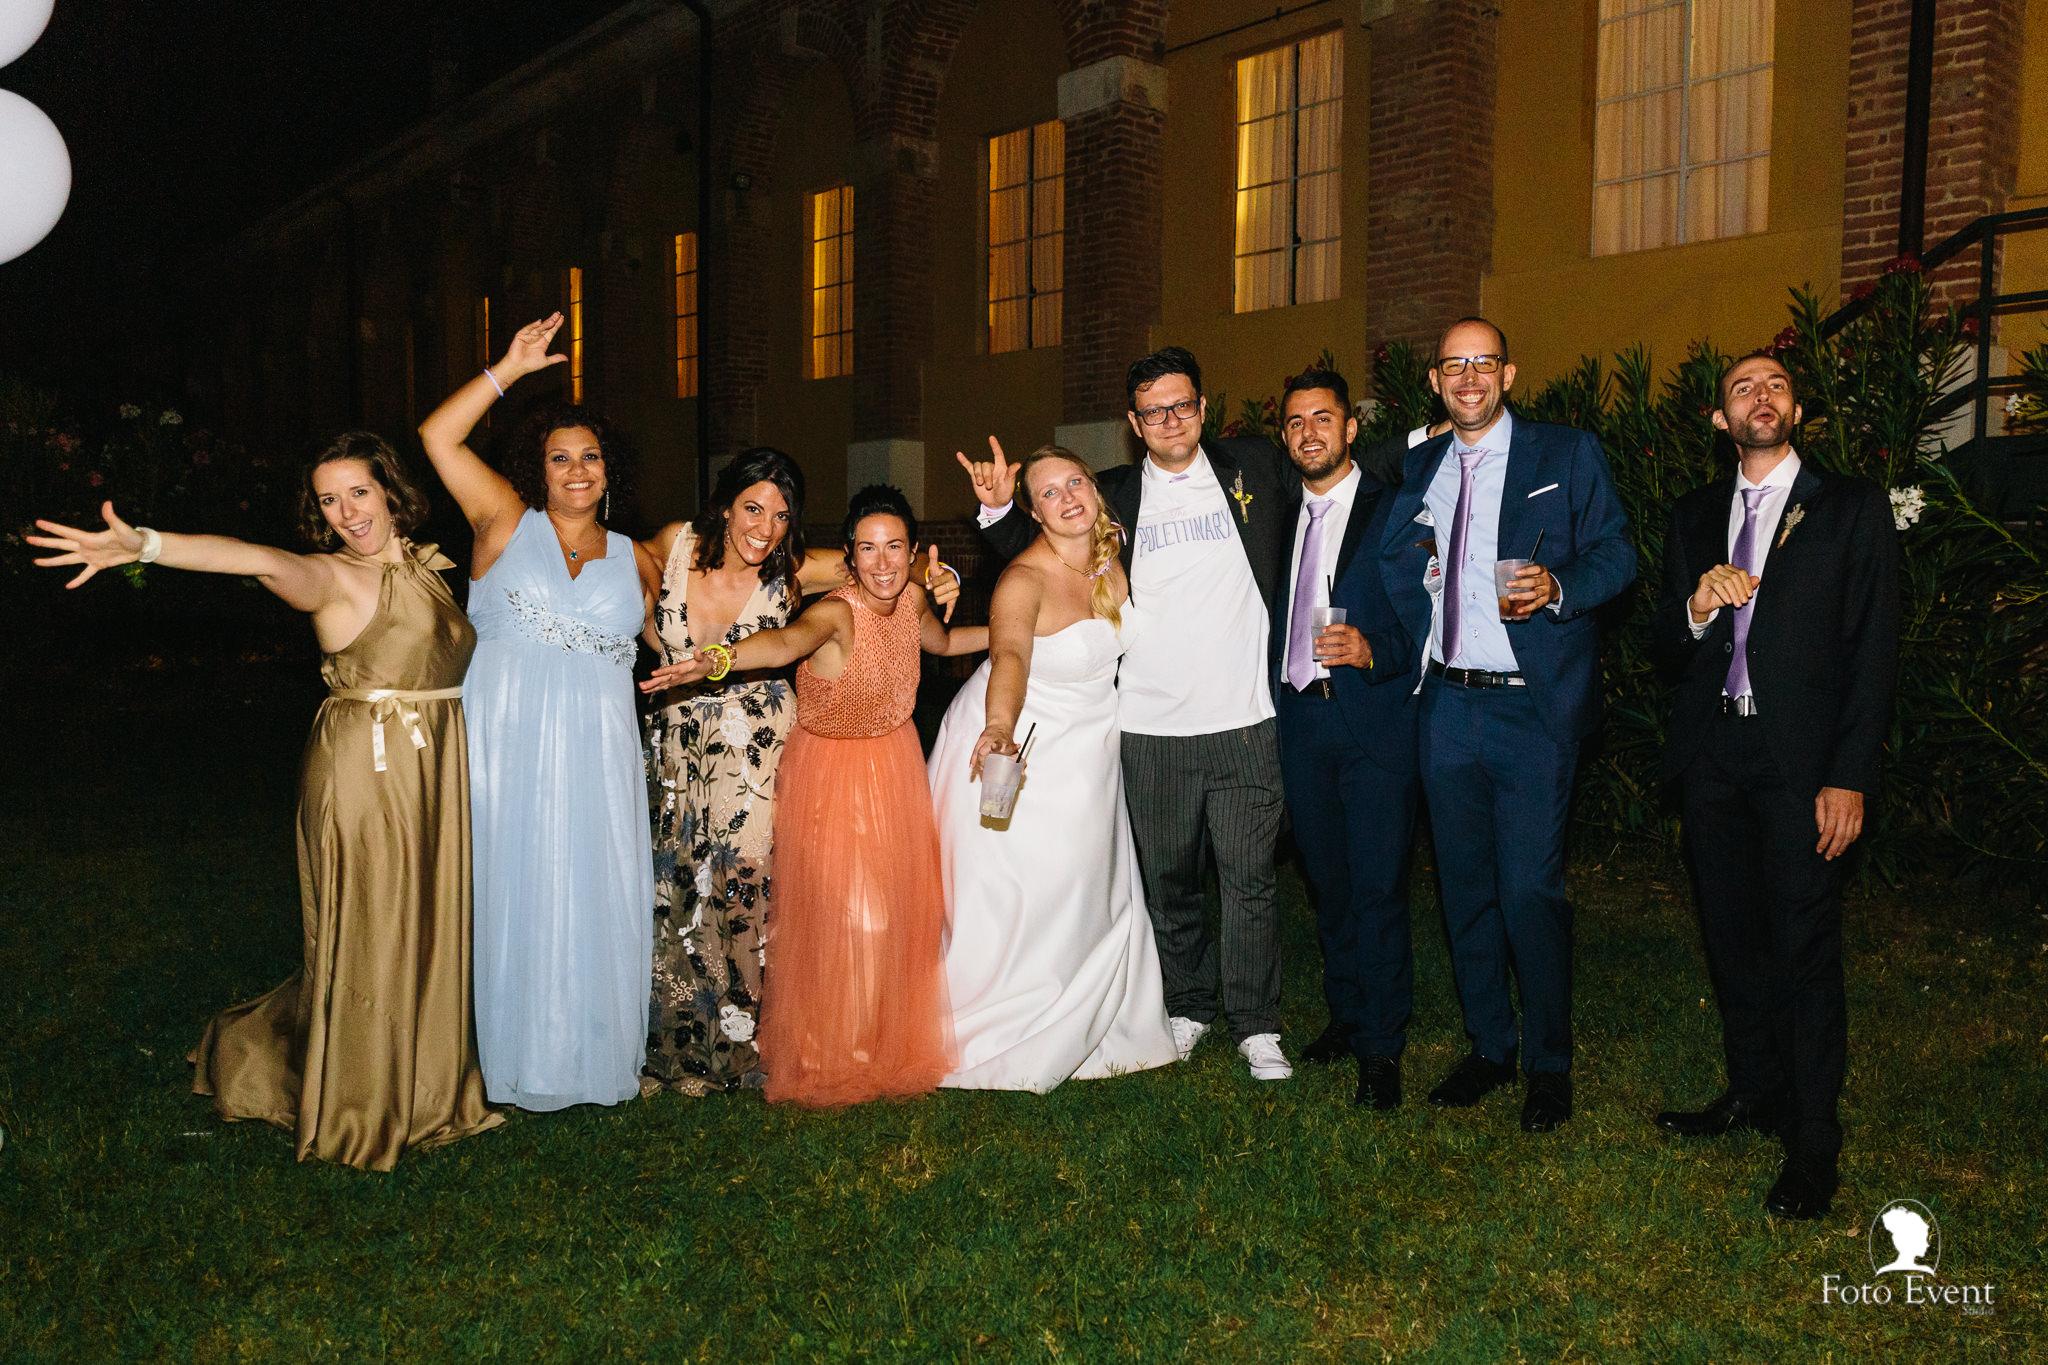 098-2019-07-27-Matrimonio-Valentina-e-Alessandro-Pettinari-5DE-2009